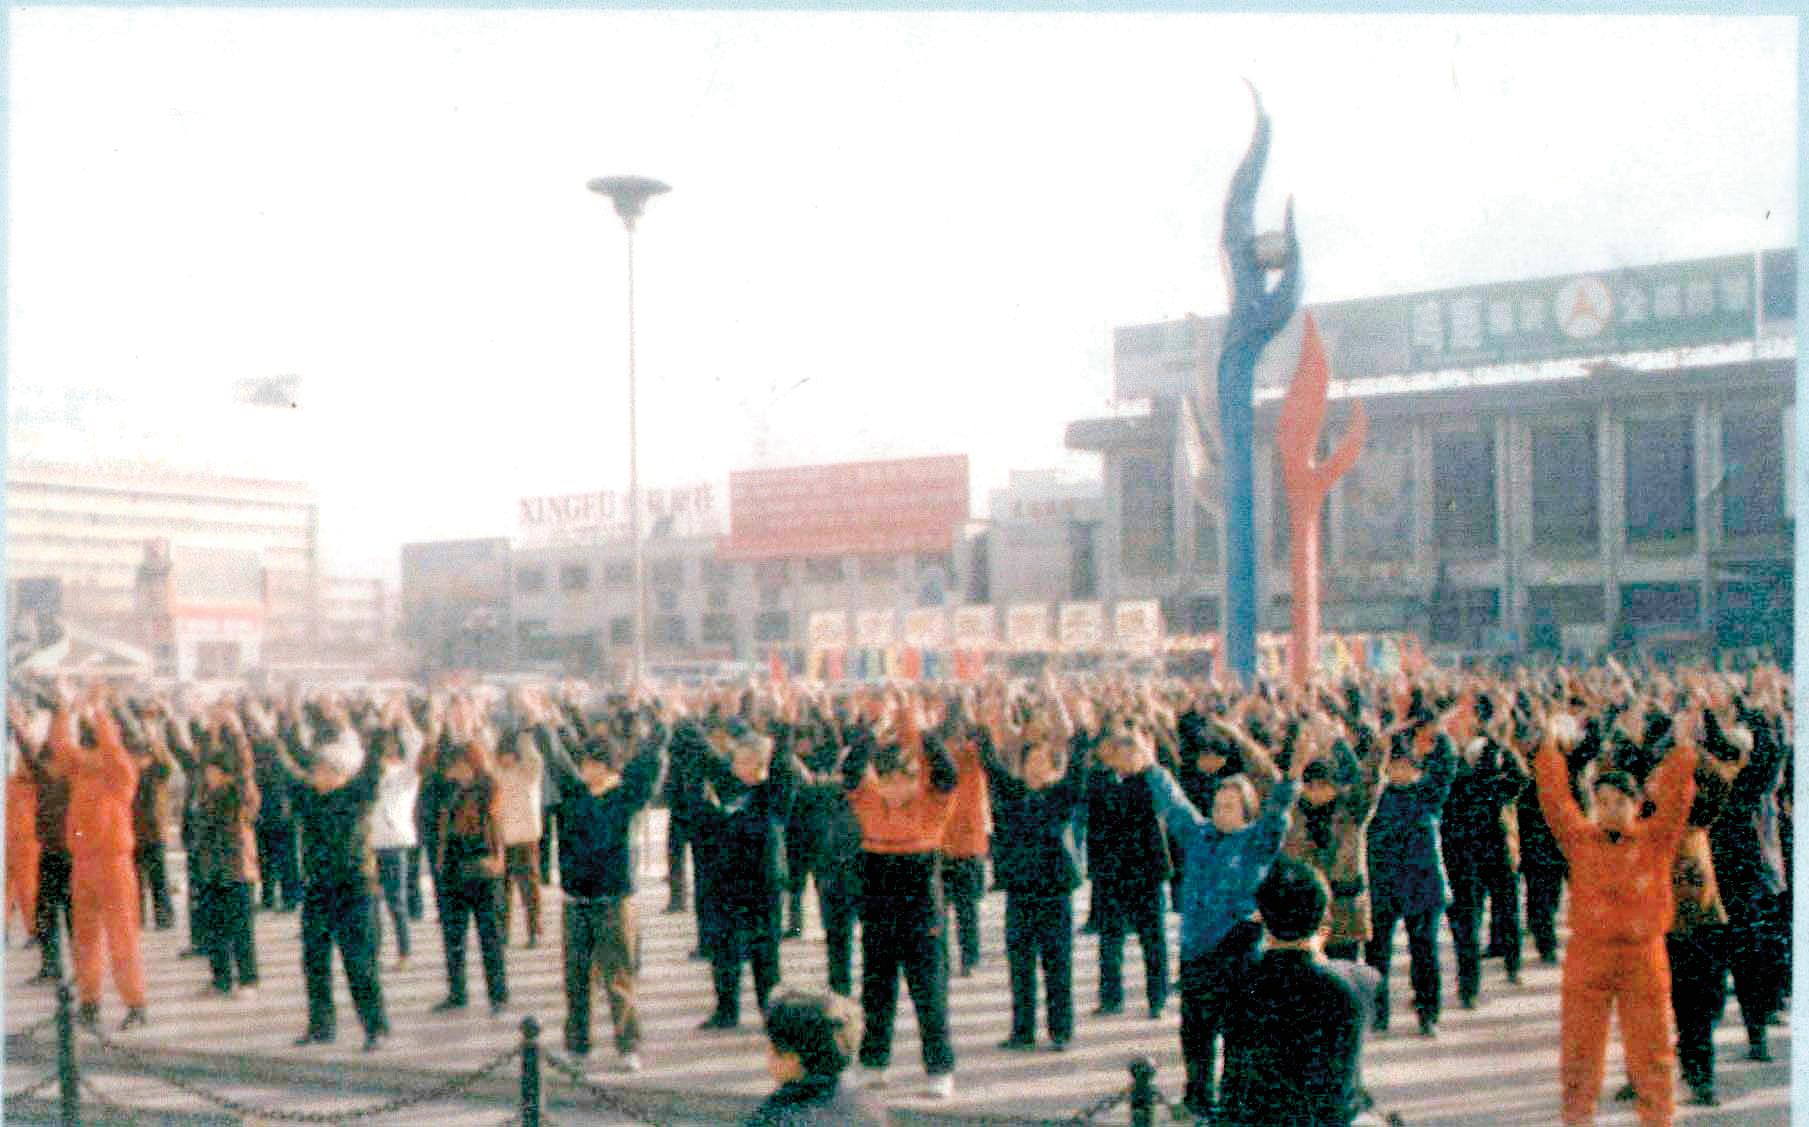 河北石家莊火車站,1999年迫害之前,部份法輪功學員集體煉功場面。(明慧網)